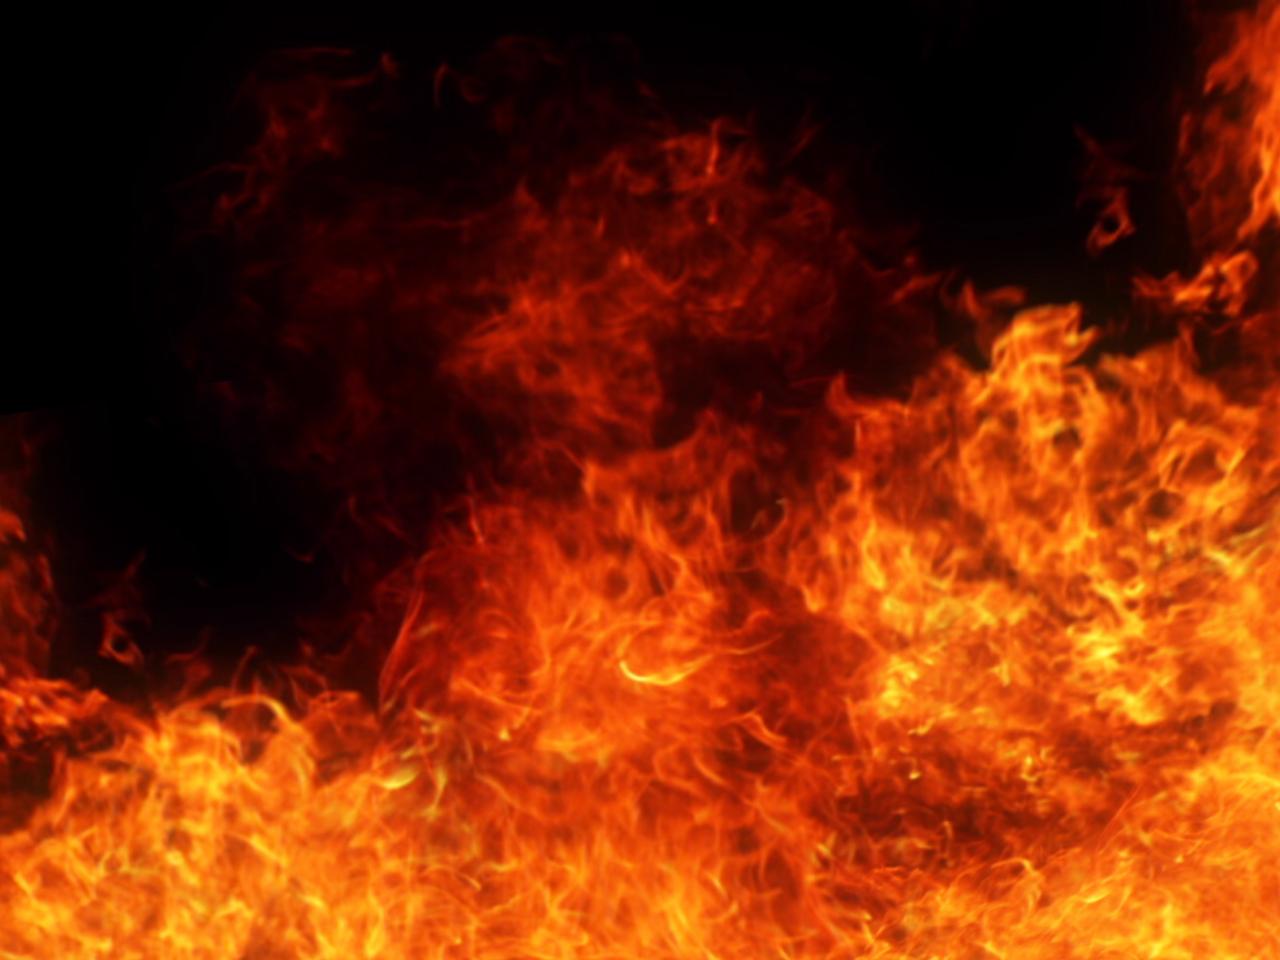 Fire_44358